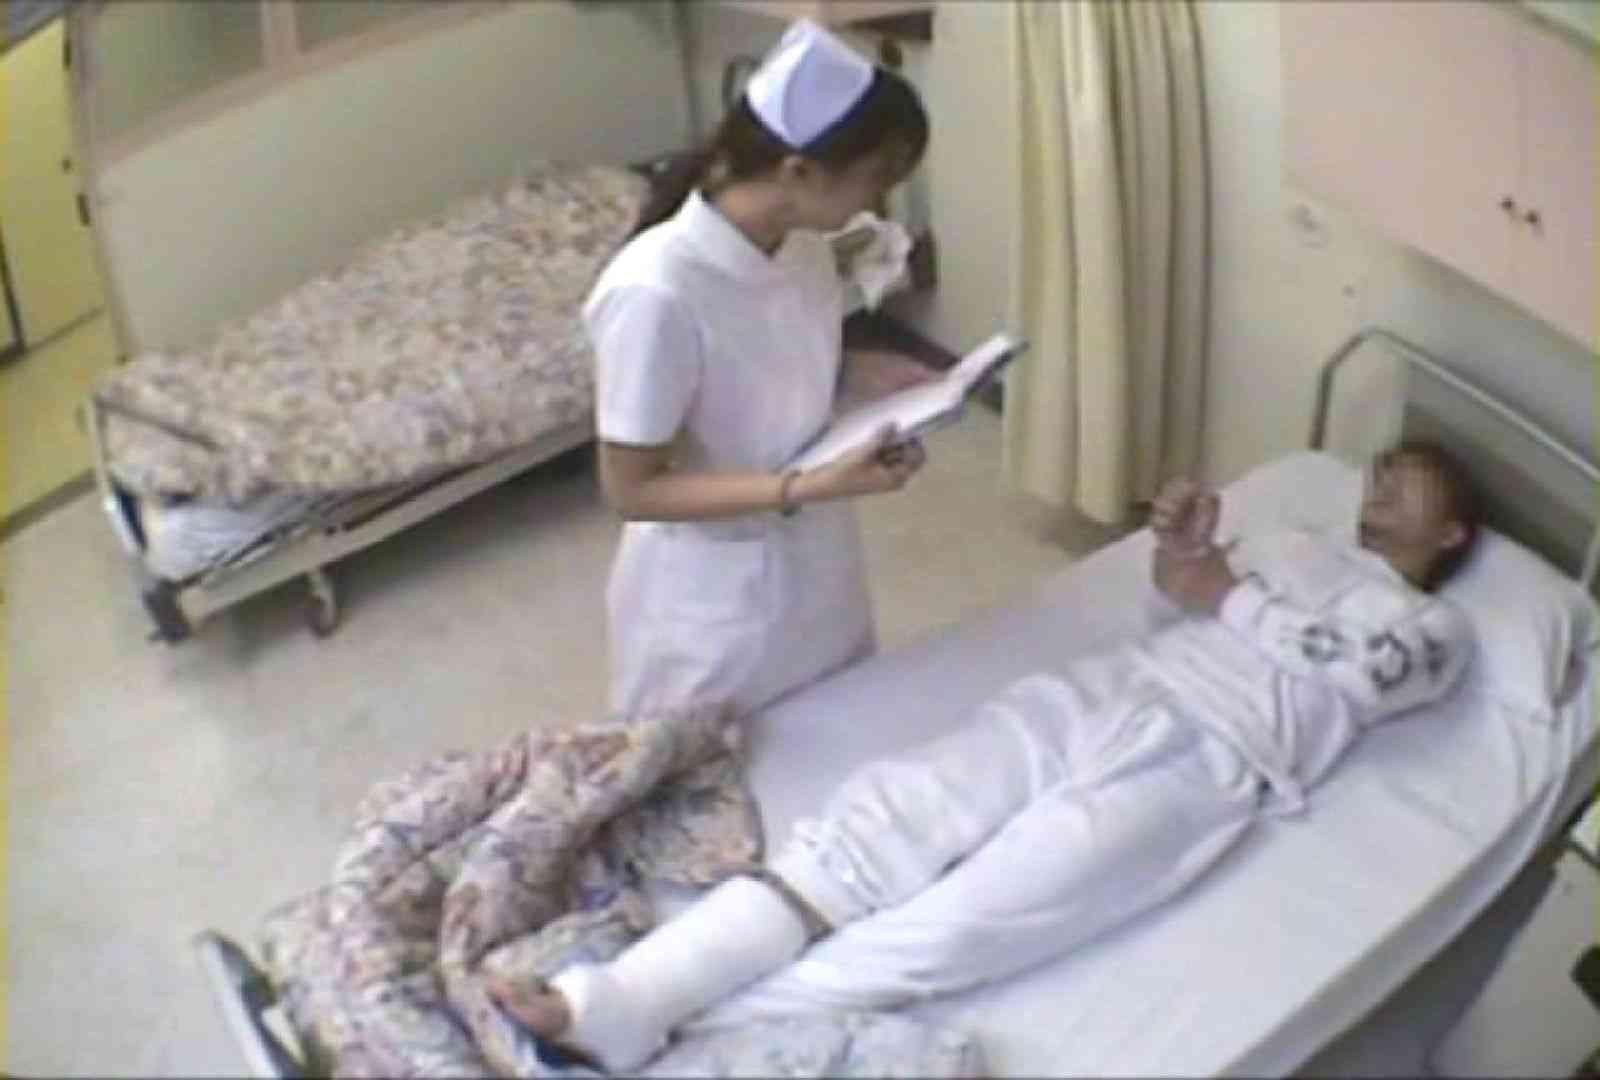 絶対に逝ってはいけない寸止め病棟Vol.8 美女OL | 0  94連発 5